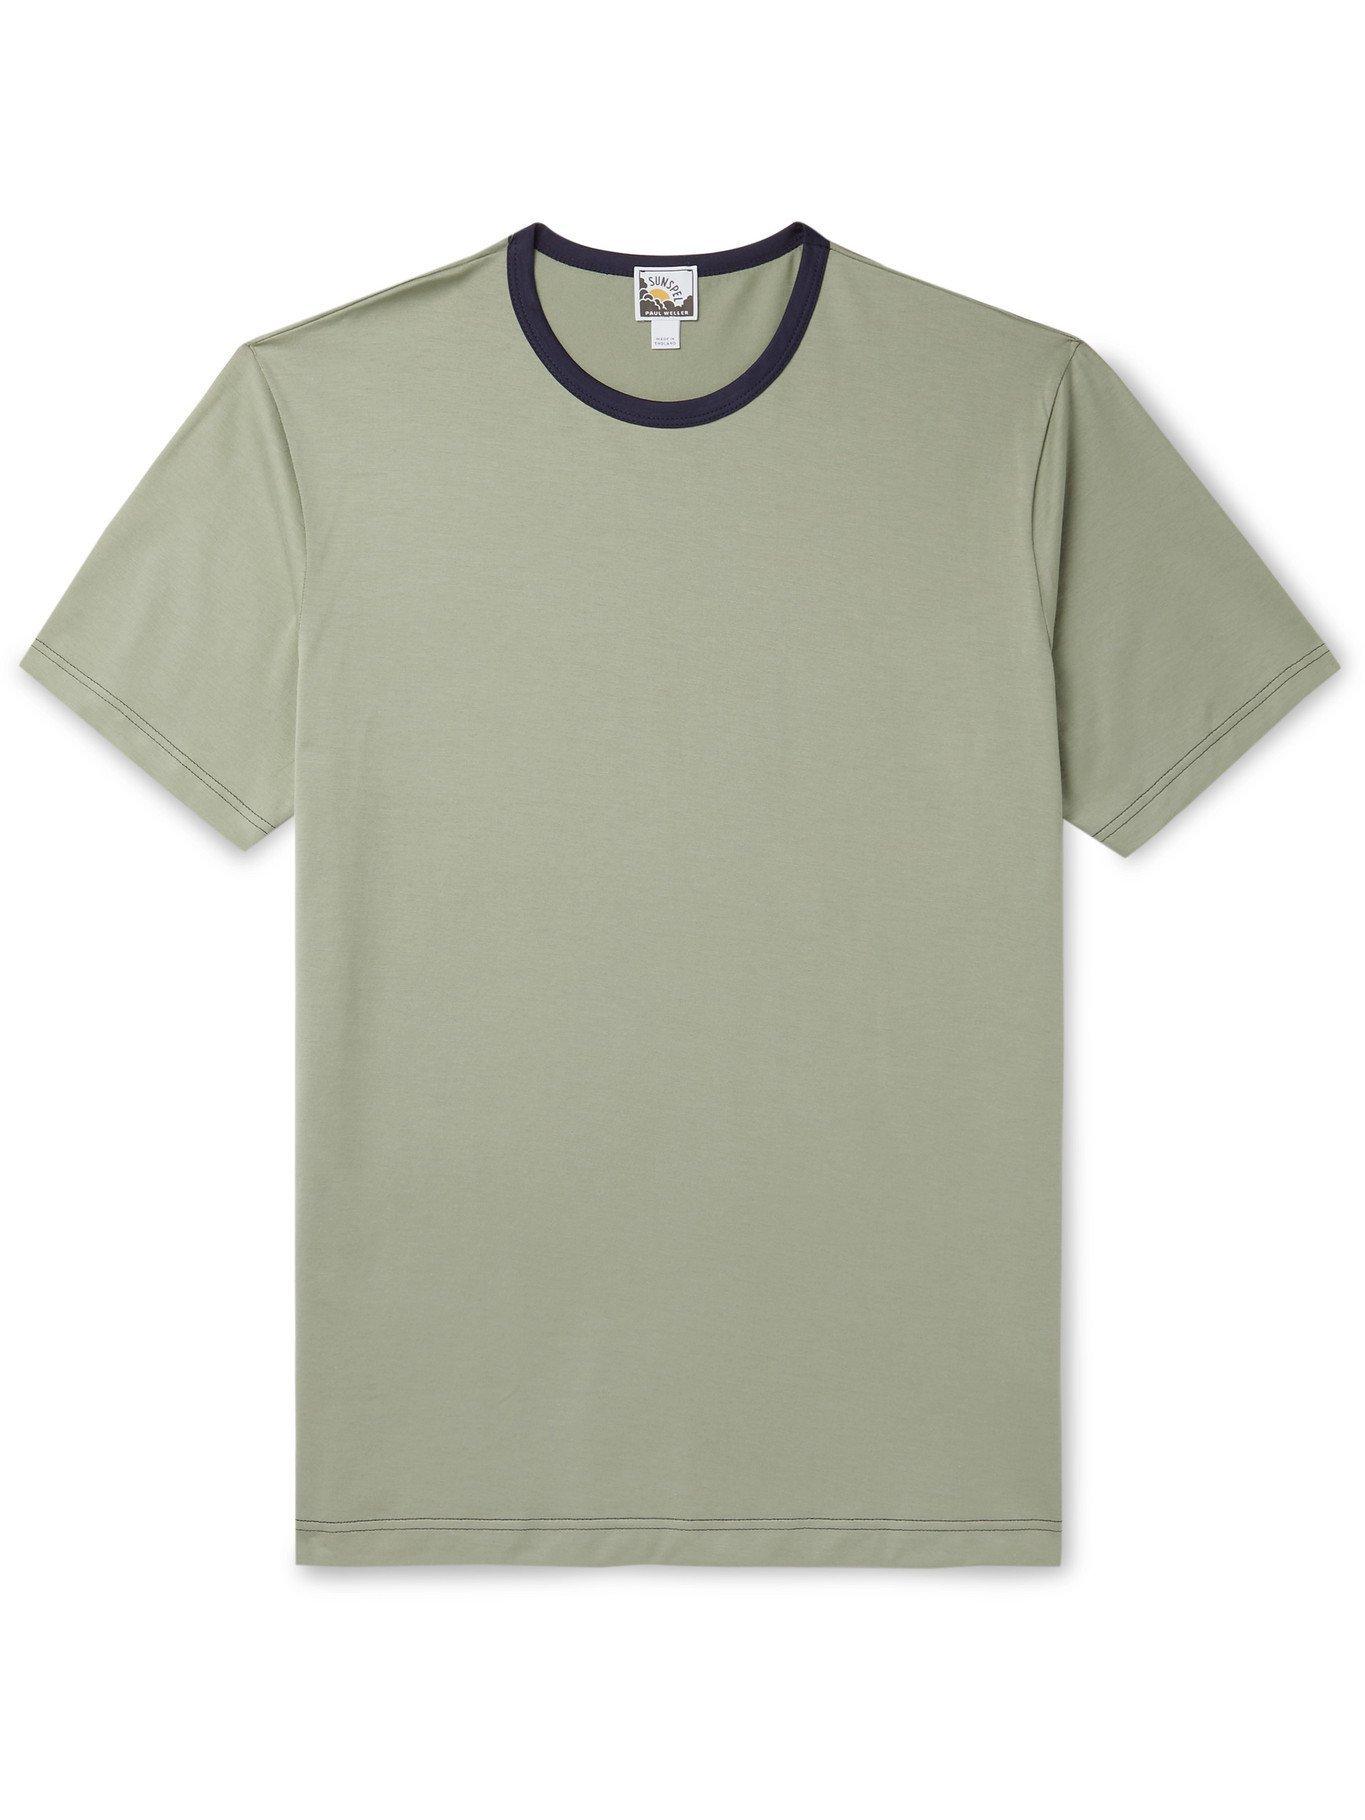 Photo: SUNSPEL - Paul Weller Slim-Fit Contrast-Tipped Cotton-Jersey T-Shirt - Green